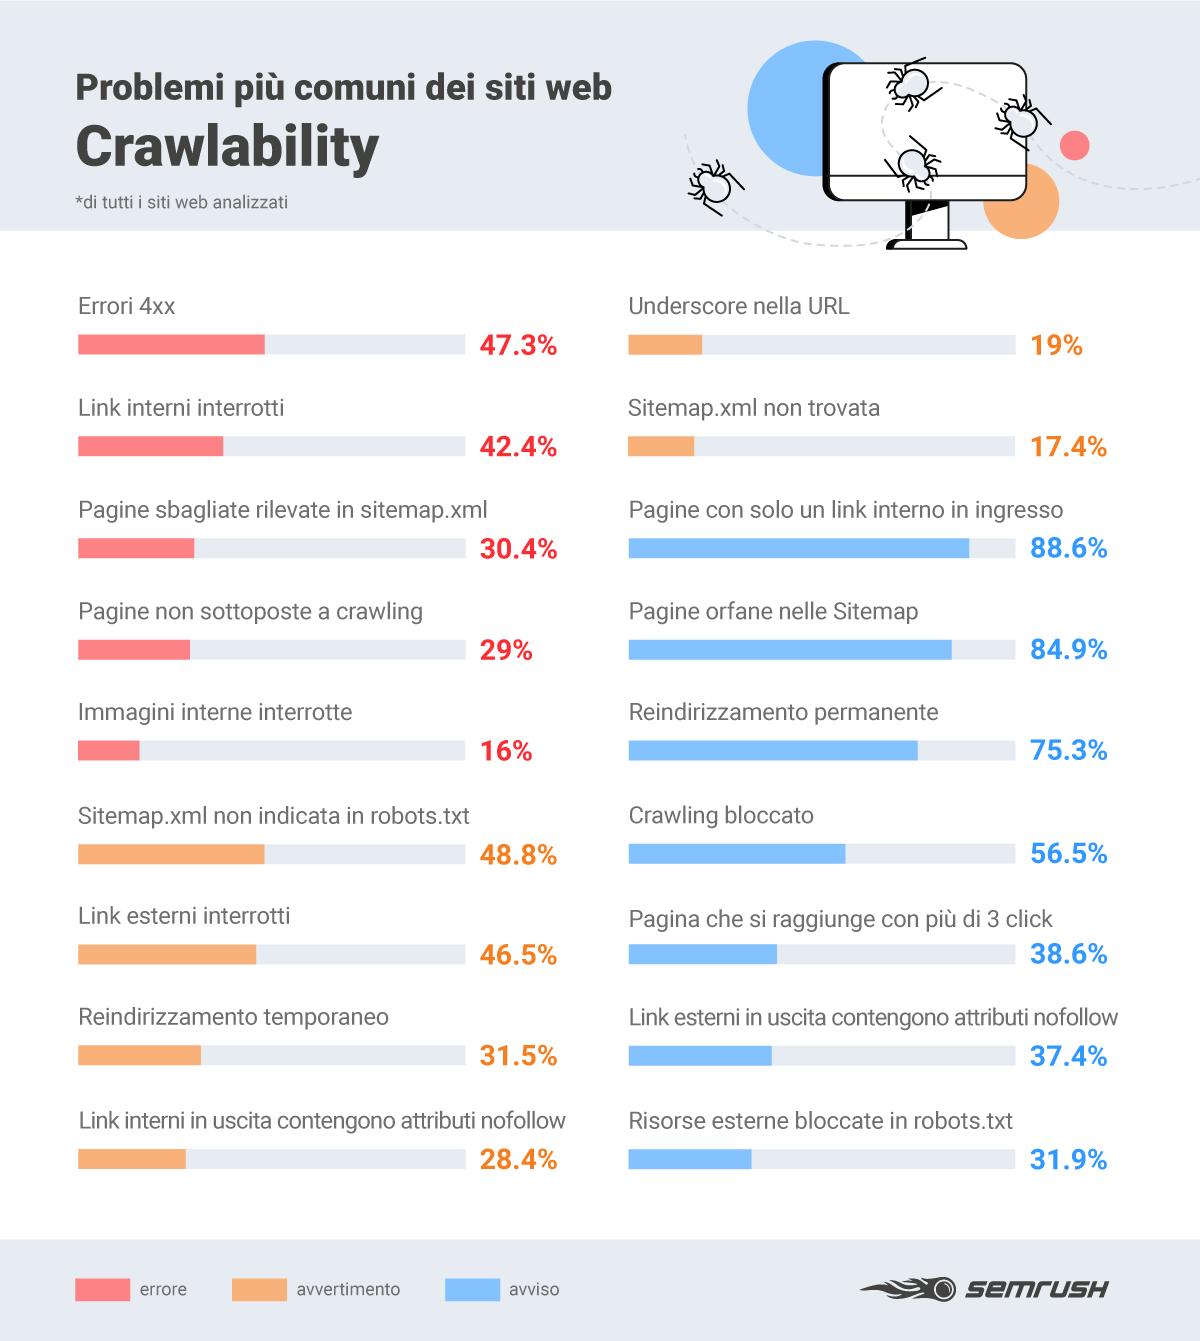 problemi di crawlability